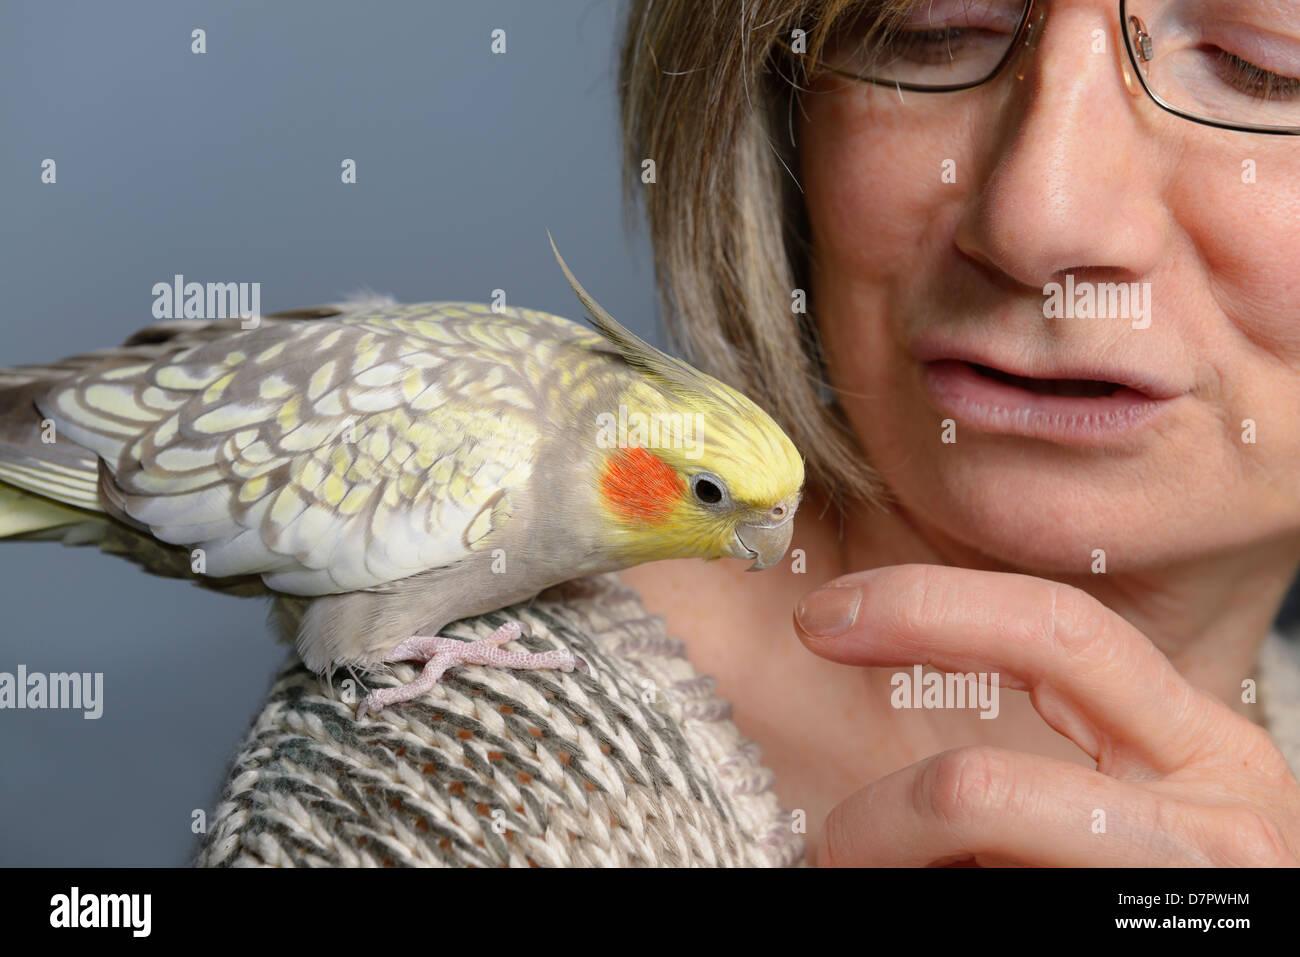 Hembra relajada mascota pearl cockatiel pájaro sobre el hombro de la mujer mirando su dedo Imagen De Stock